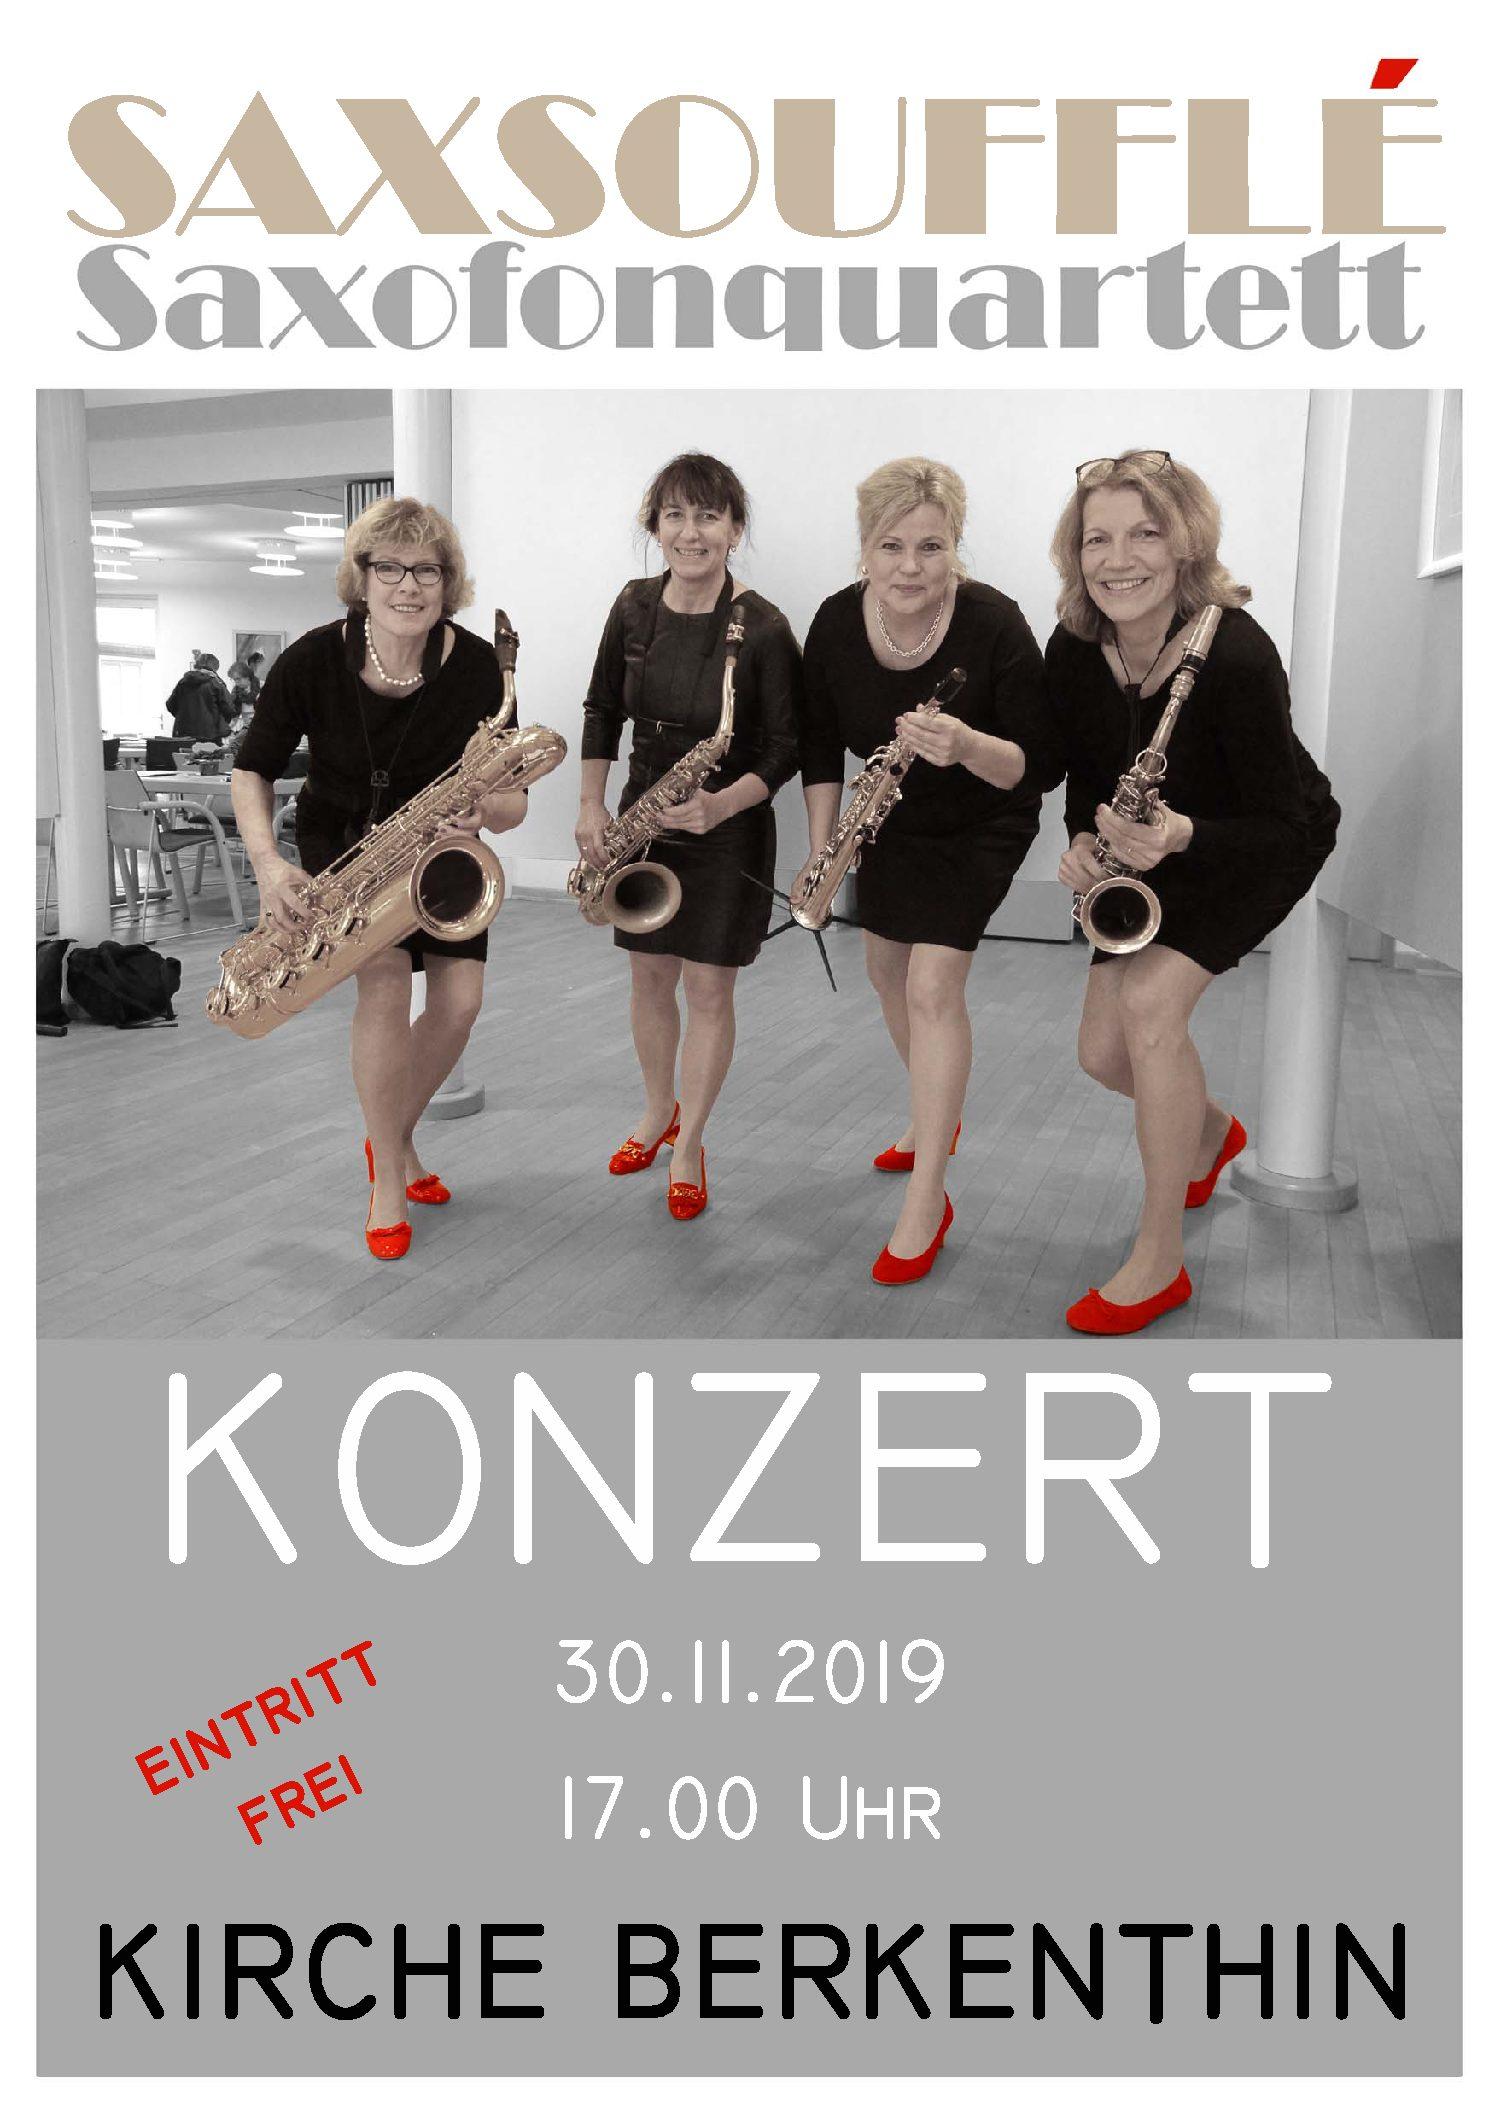 Saxophonquartett Saxsoufflé Am 30.11. In Der Berkenthiner Kirche